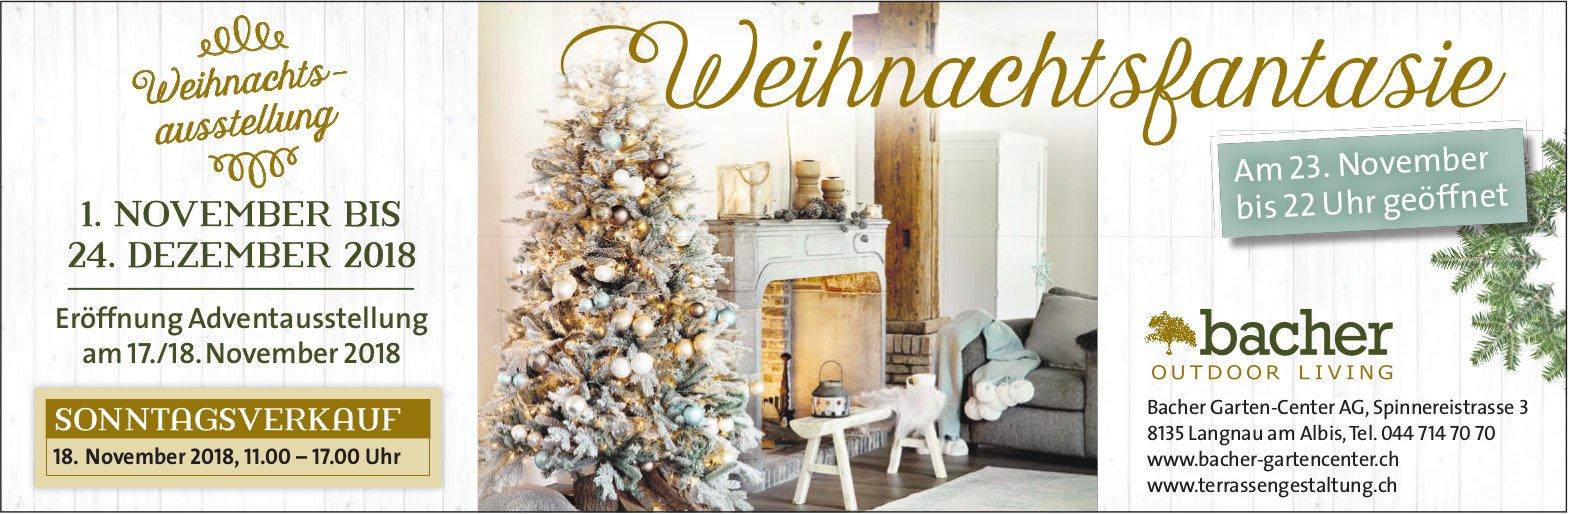 Weihnachtsausstellung Weihnachtsfantasie, 1. Nov. - 24. Dez., Bacher Garten-Center AG